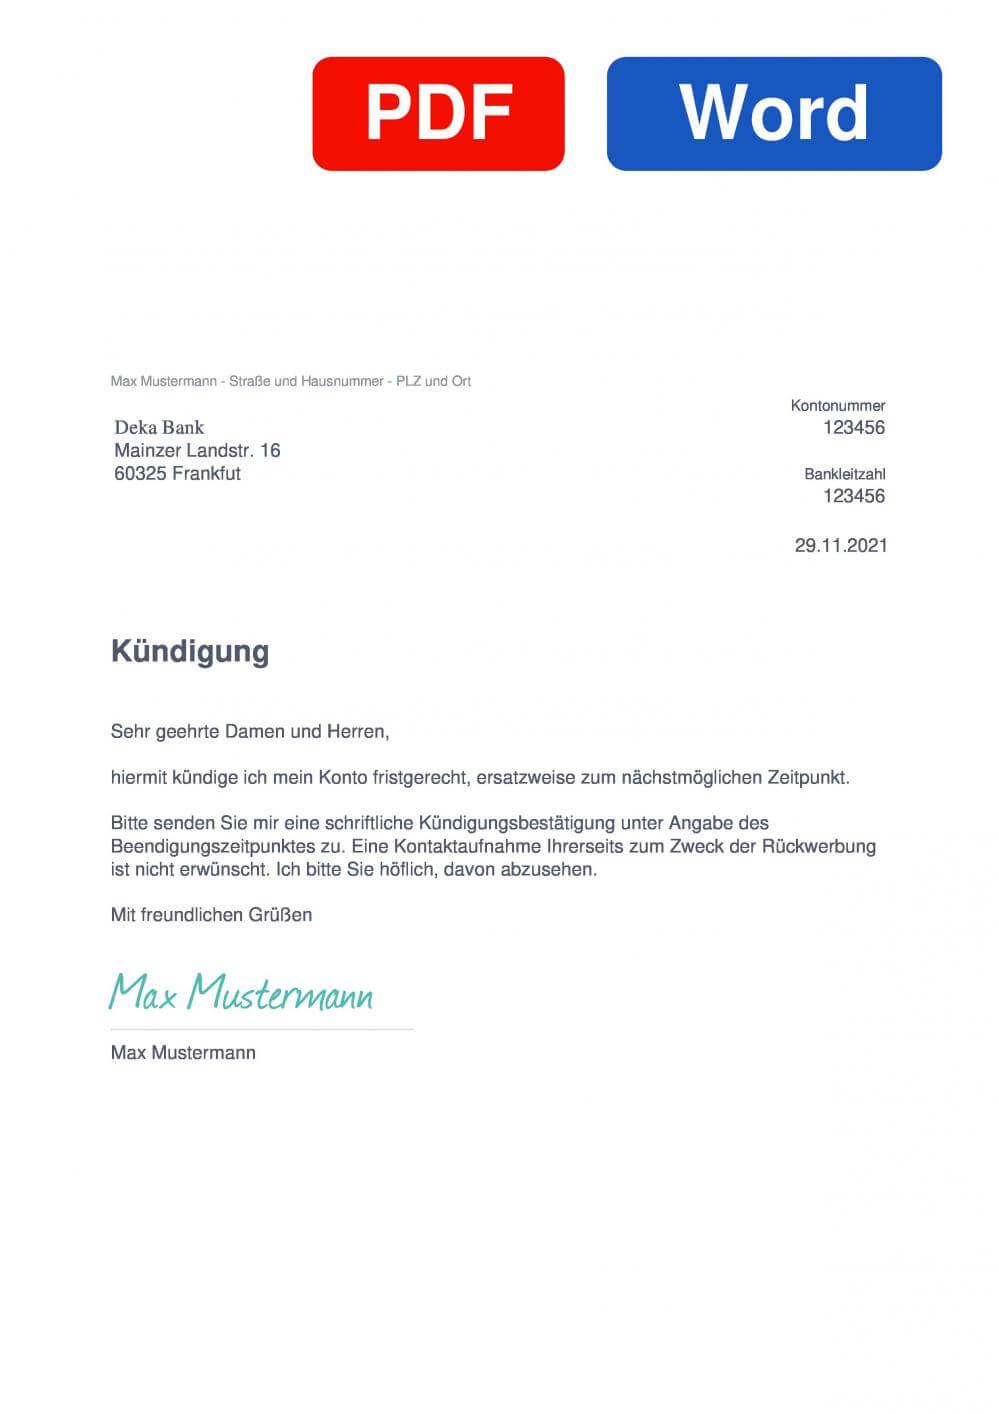 Deka Muster Vorlage für Kündigungsschreiben